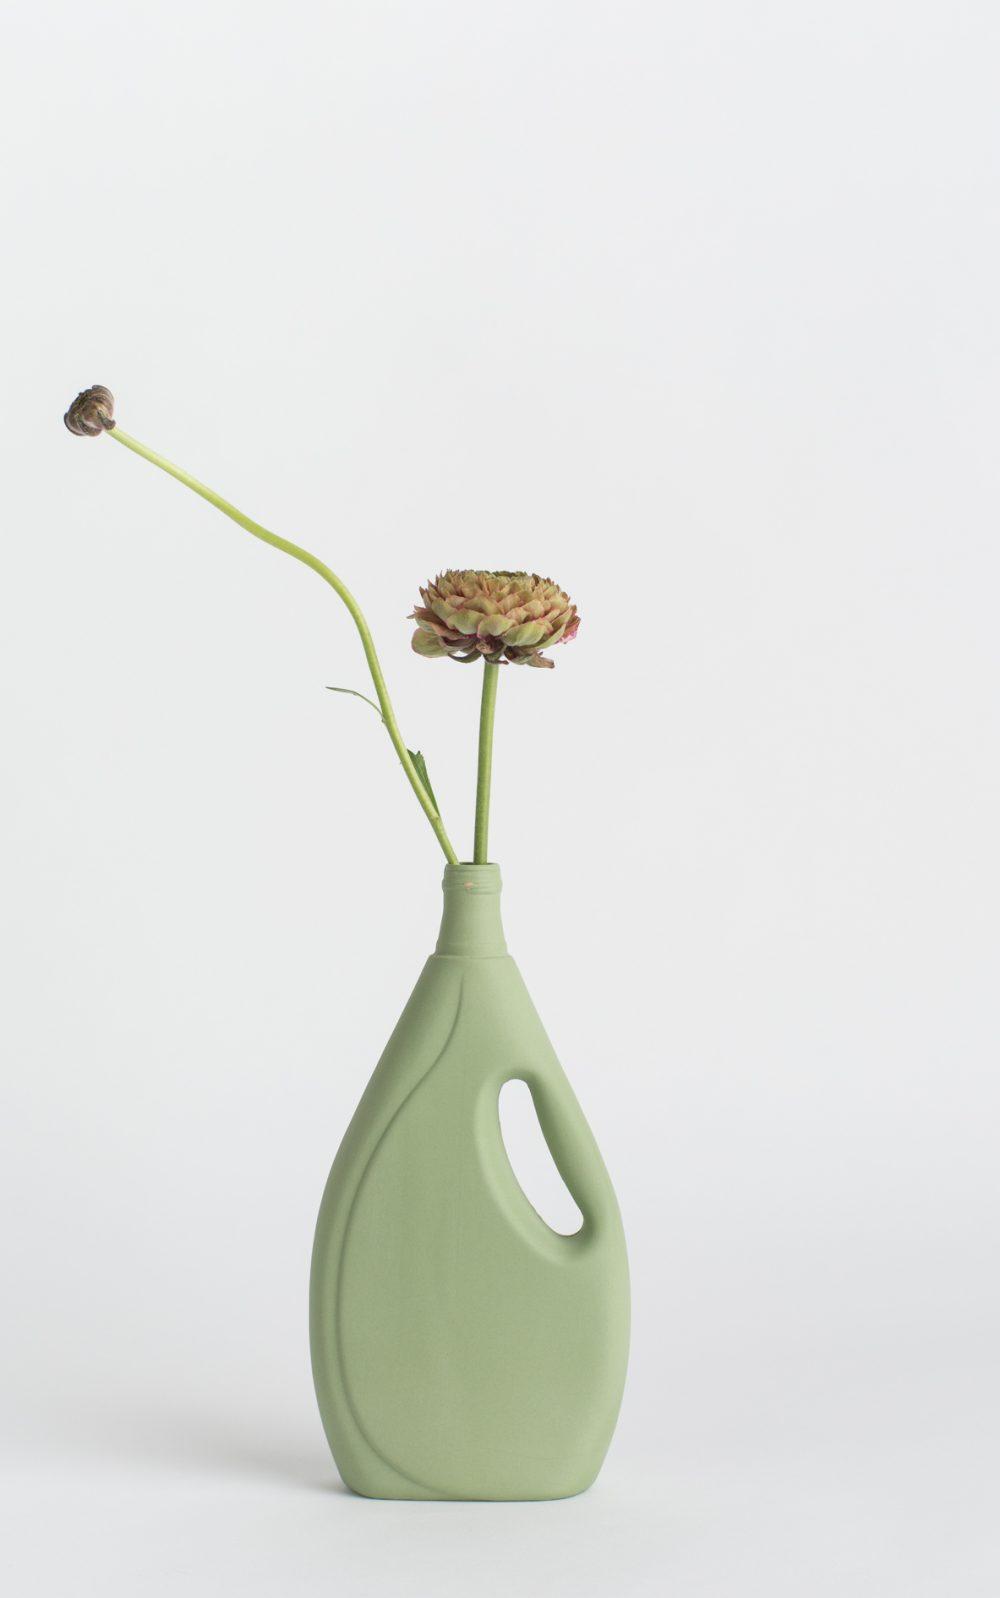 bottle vase #7 dark green army green with flower